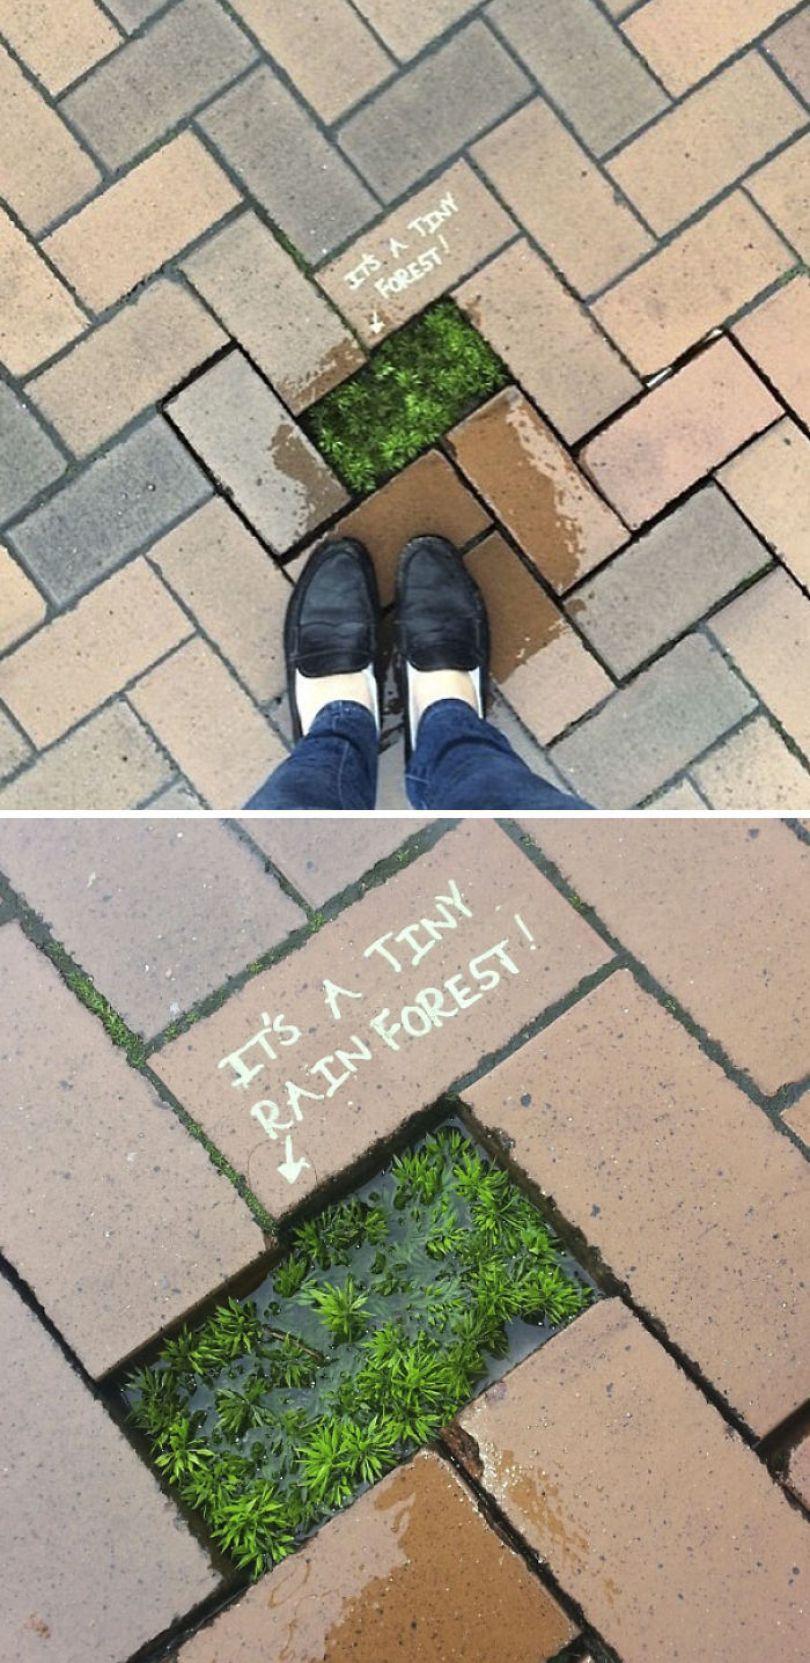 59788055efc73 creative street art positive vandalism 46 5978449d63ffe  700 - Coisas hilárias captadas em fotos